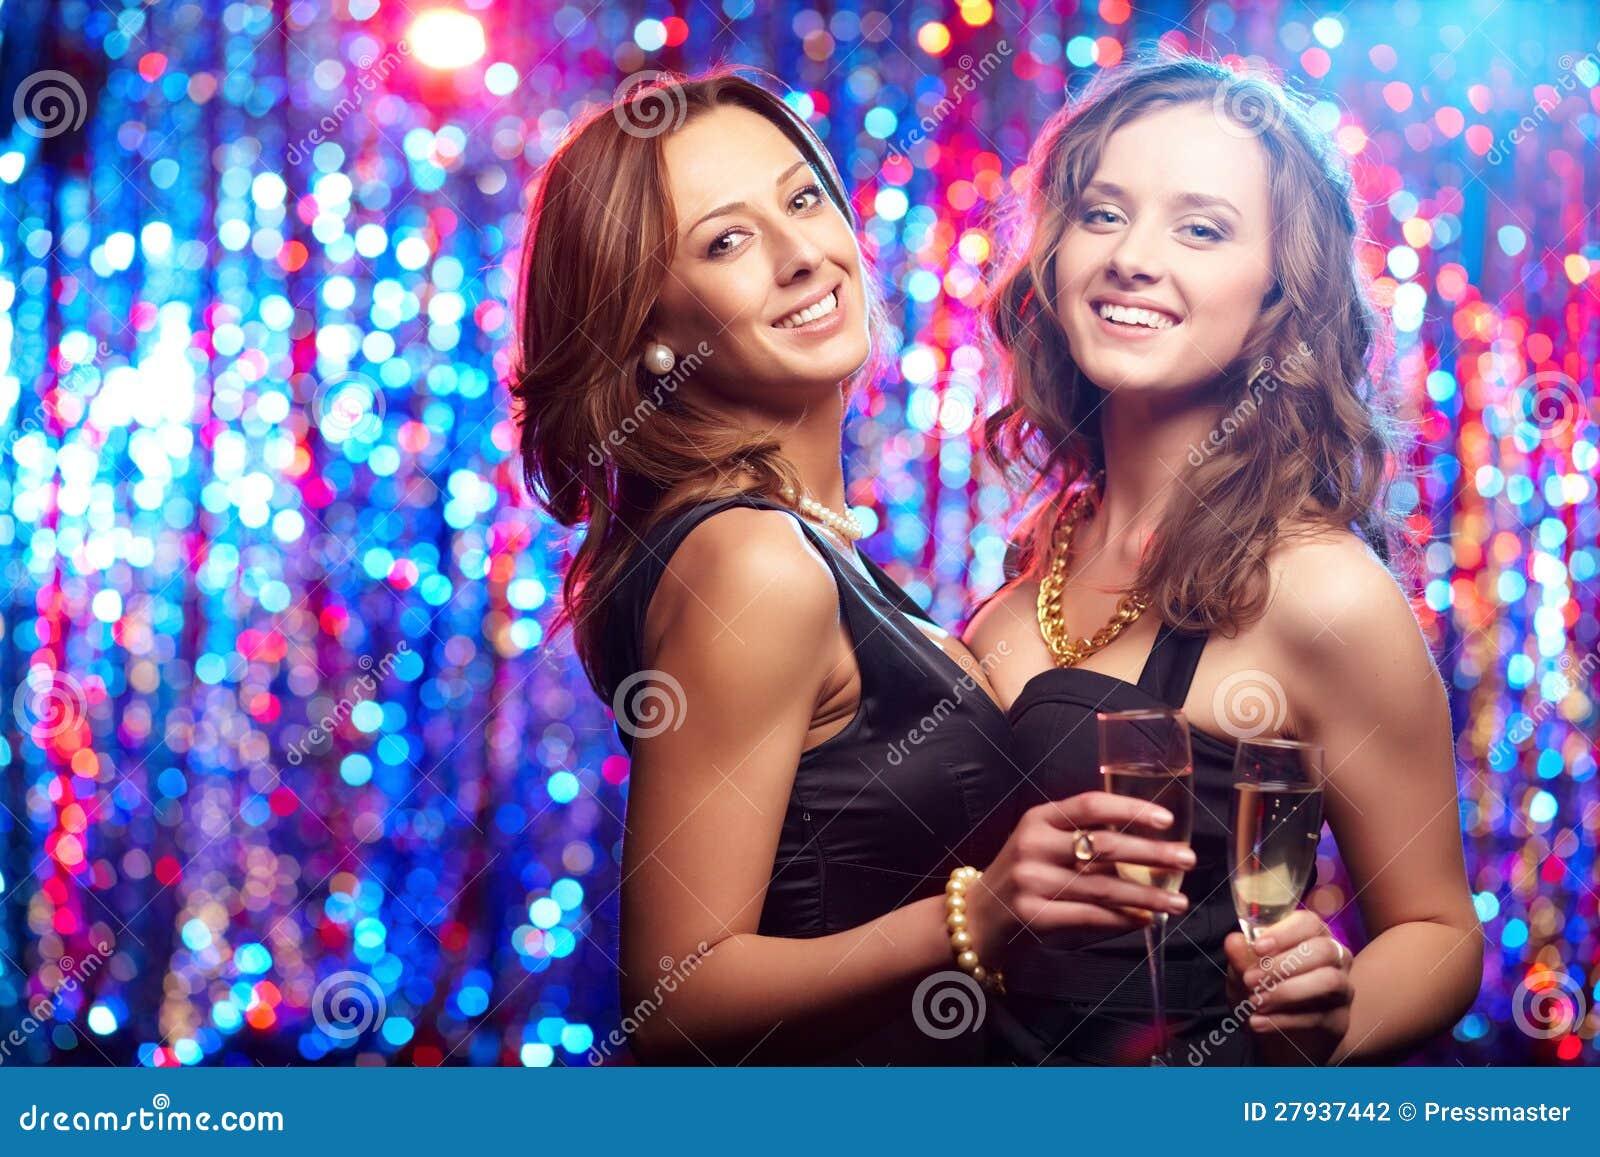 Телочки на дискотеках, Порно Вечеринки. Смотреть порно ролики онлайн 21 фотография